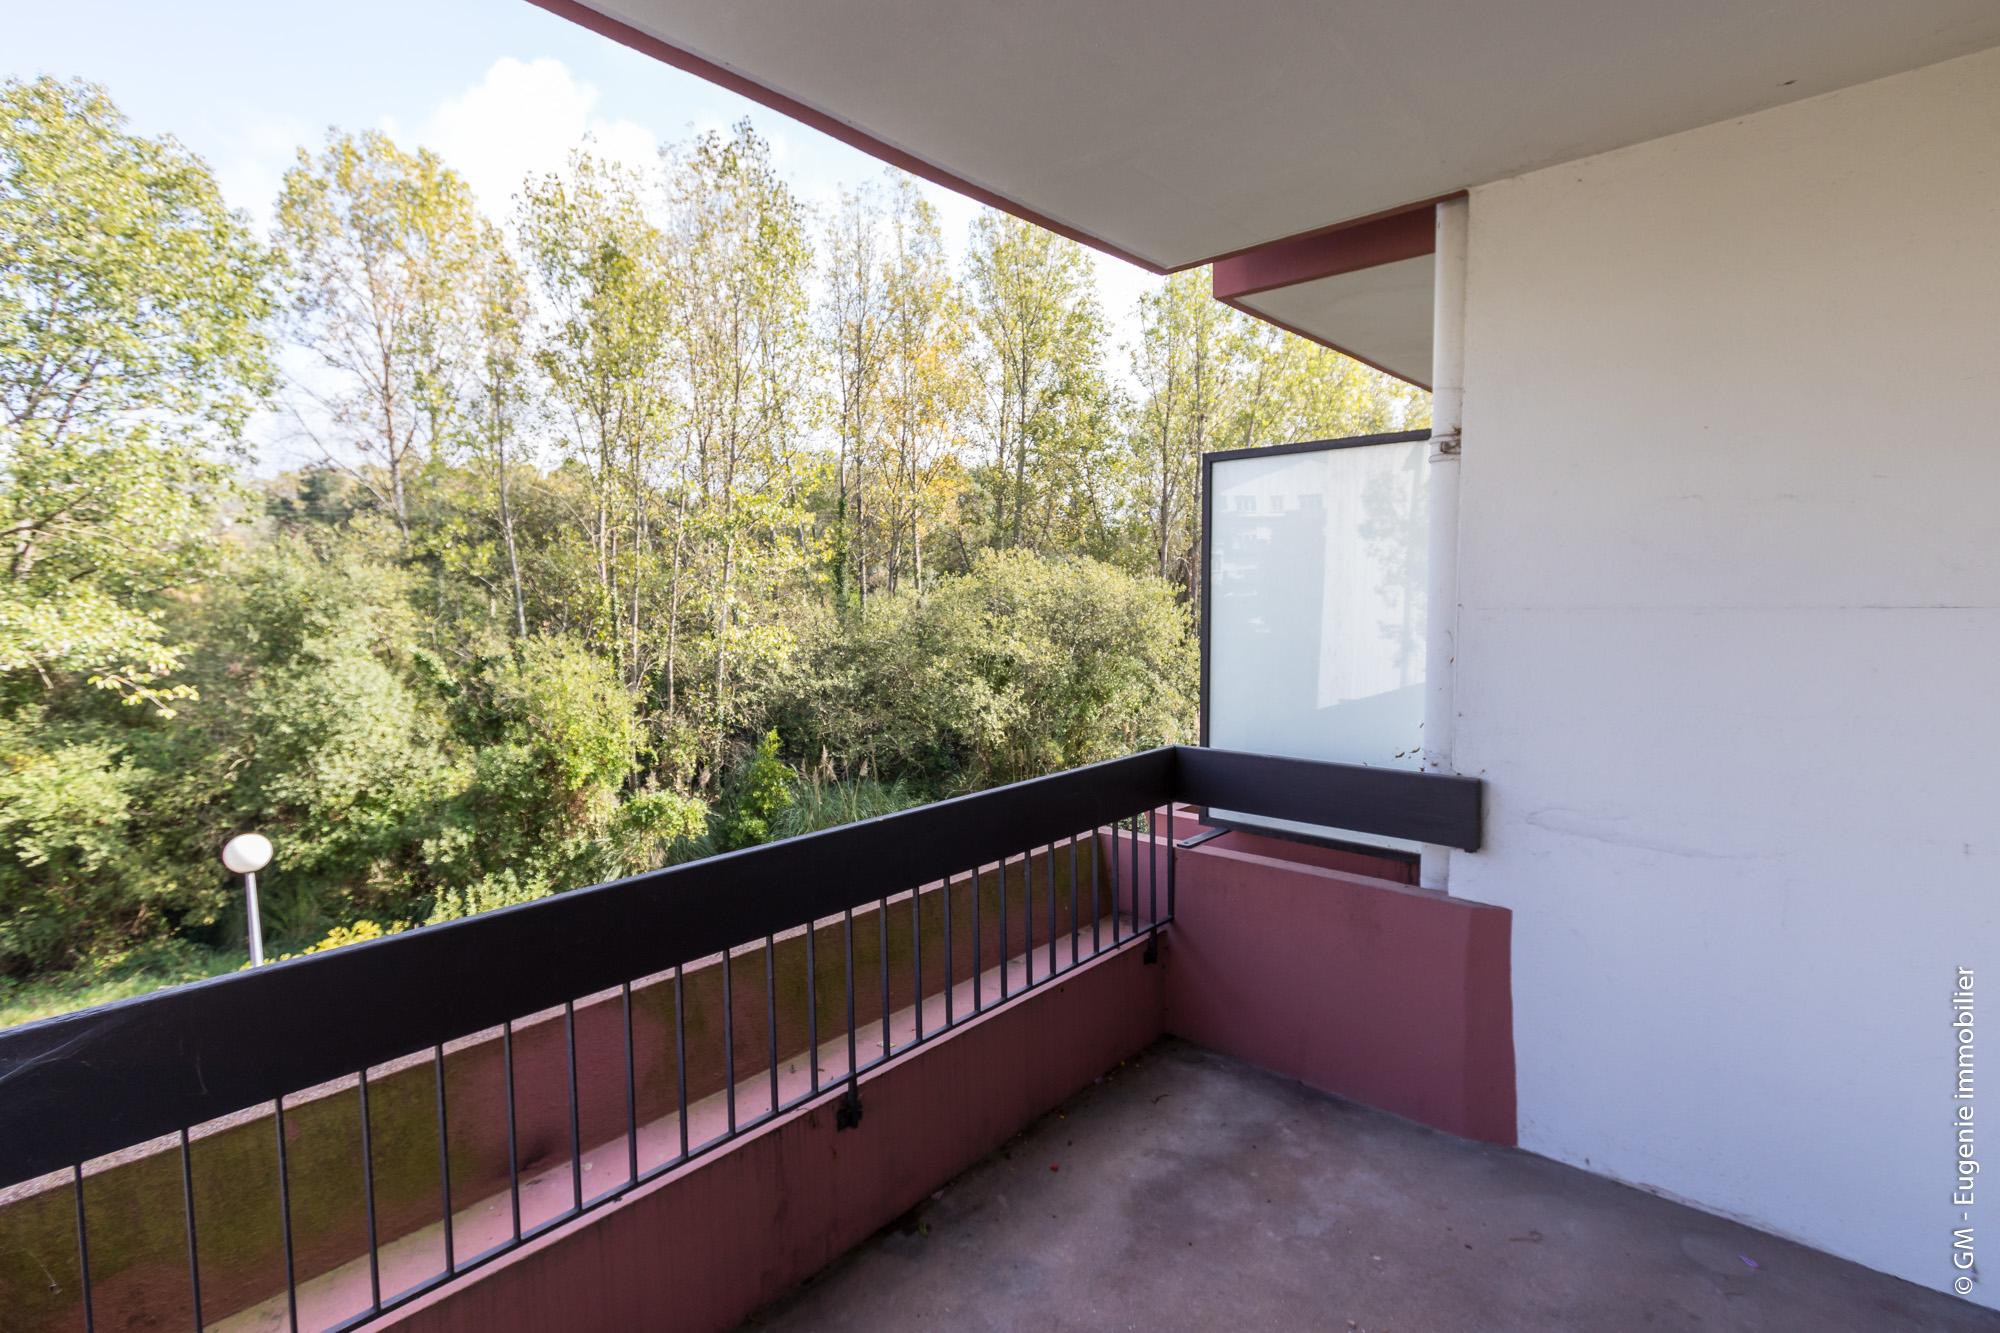 Appartement T3 66 m² au calme proche commodités